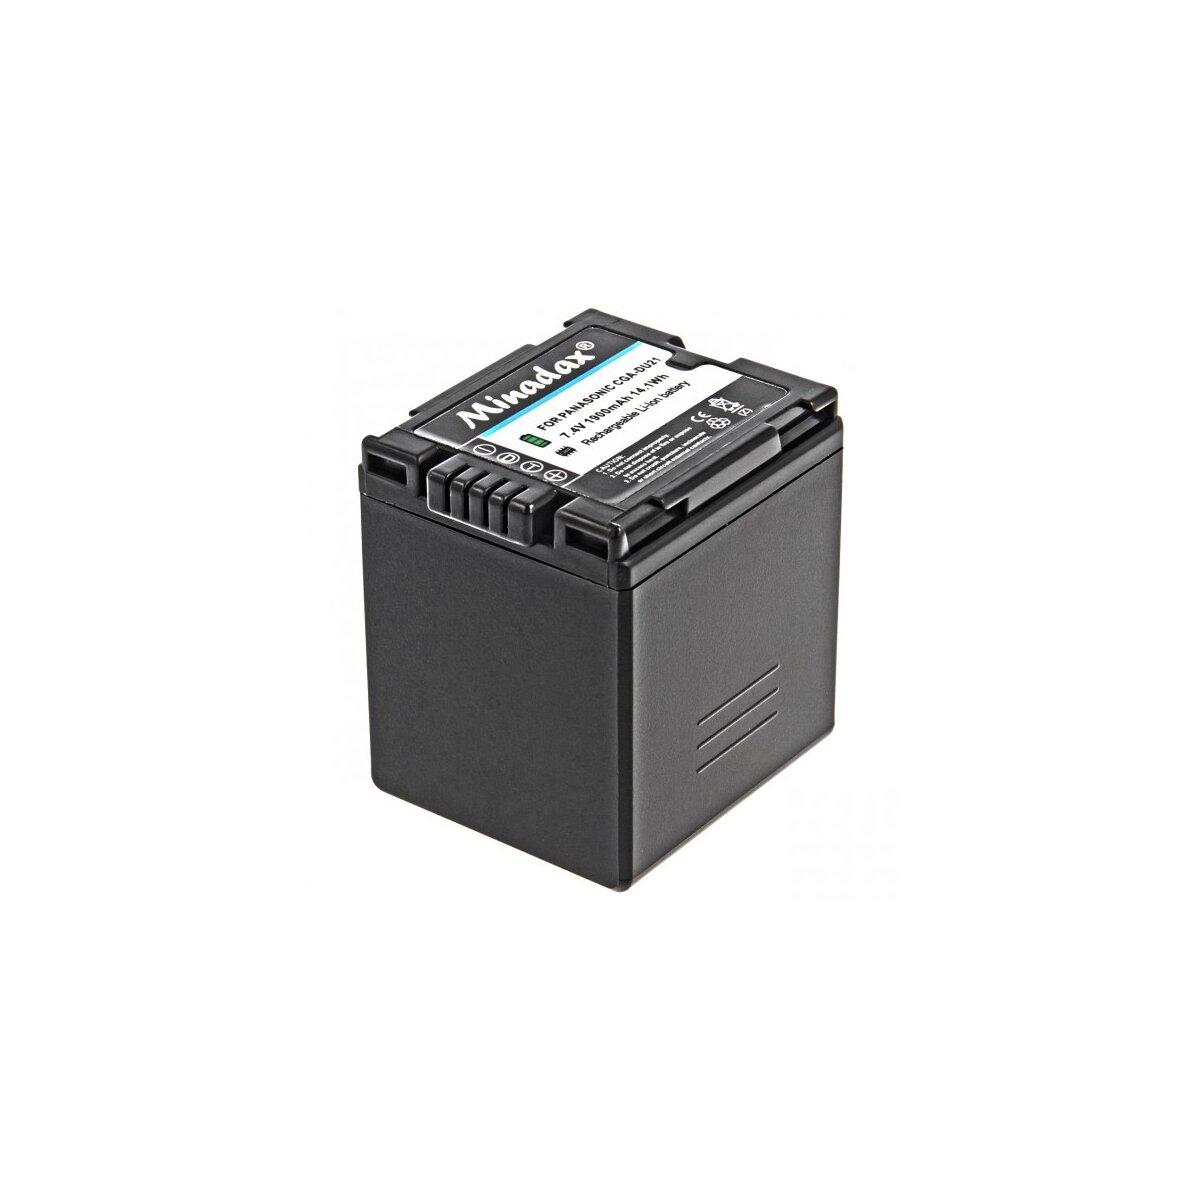 Minadax® Qualitaetsakku mit echten 1900 mAh fuer Panasonic VDR D100 D150 D160 D220 D250 D300 D310 M30 M50 M53 M55 M70 M75 M95, wie CGA-DU21 - Intelligentes Akkusystem mit Chip